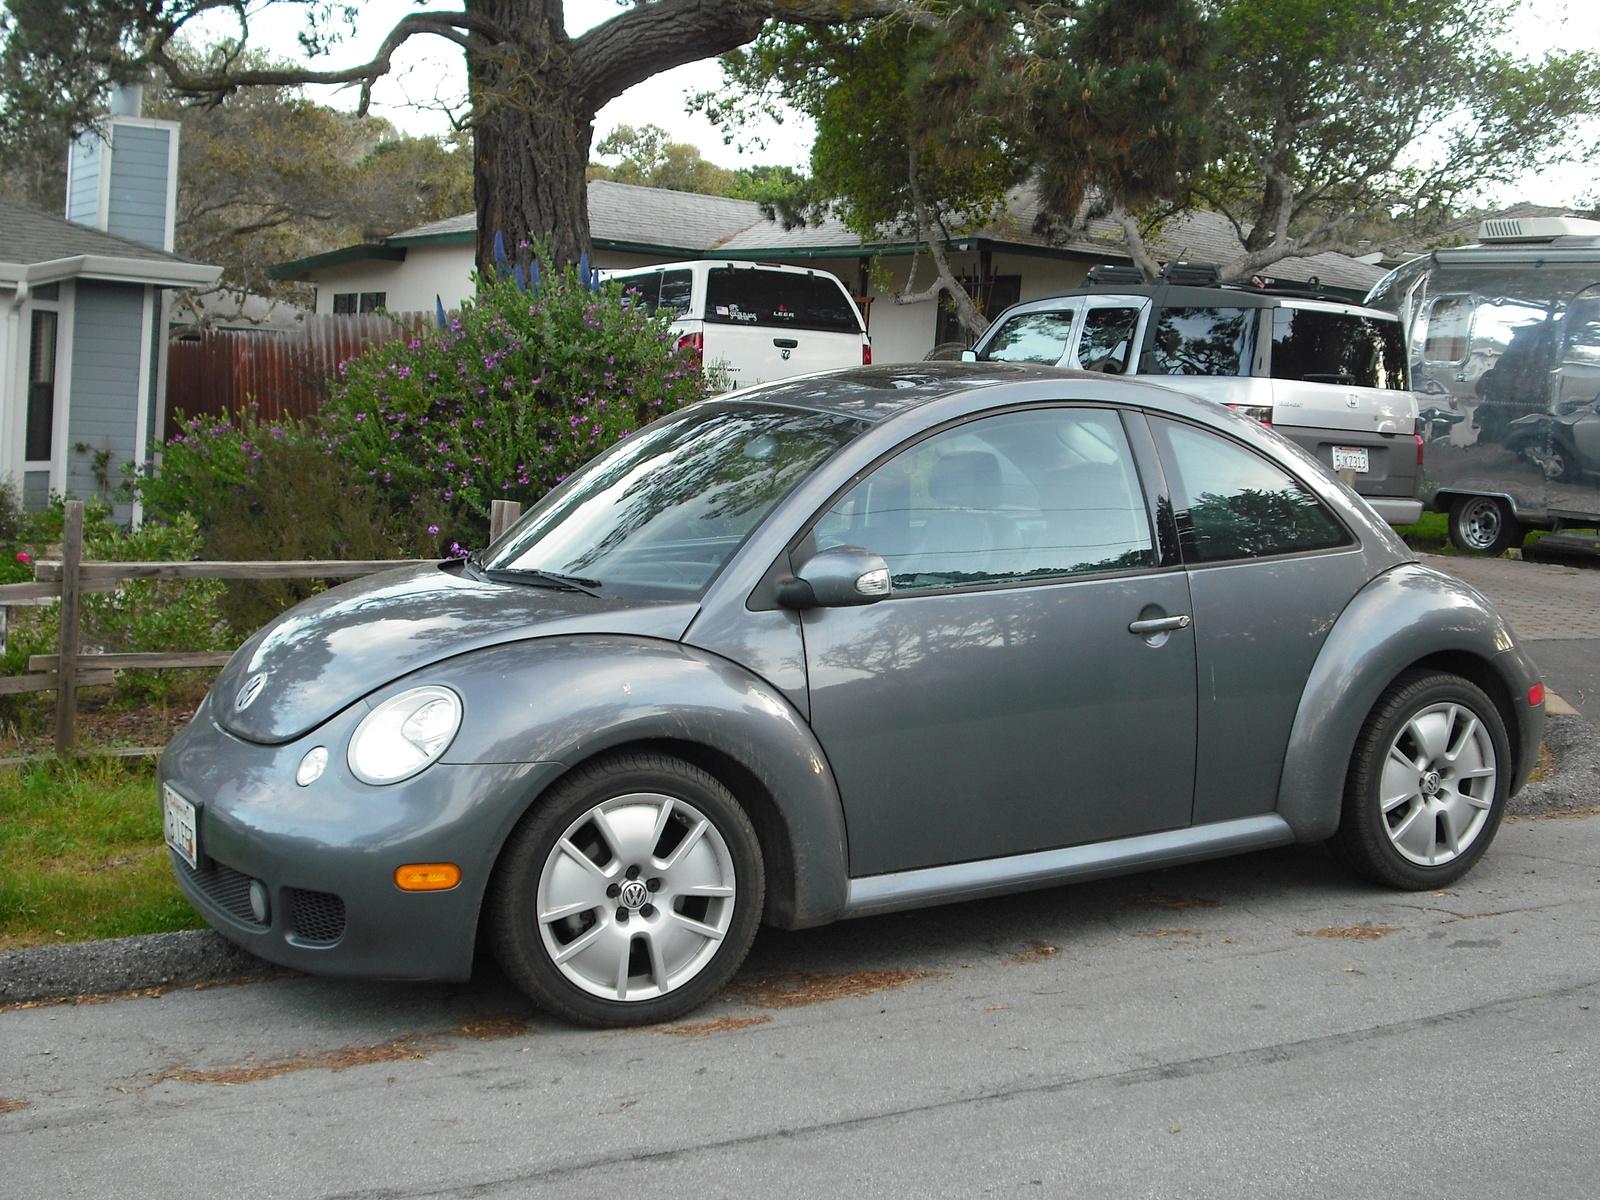 2004 Volkswagen Beetle Turbo S - Pictures - Picture of 2004 Volkswagen ...